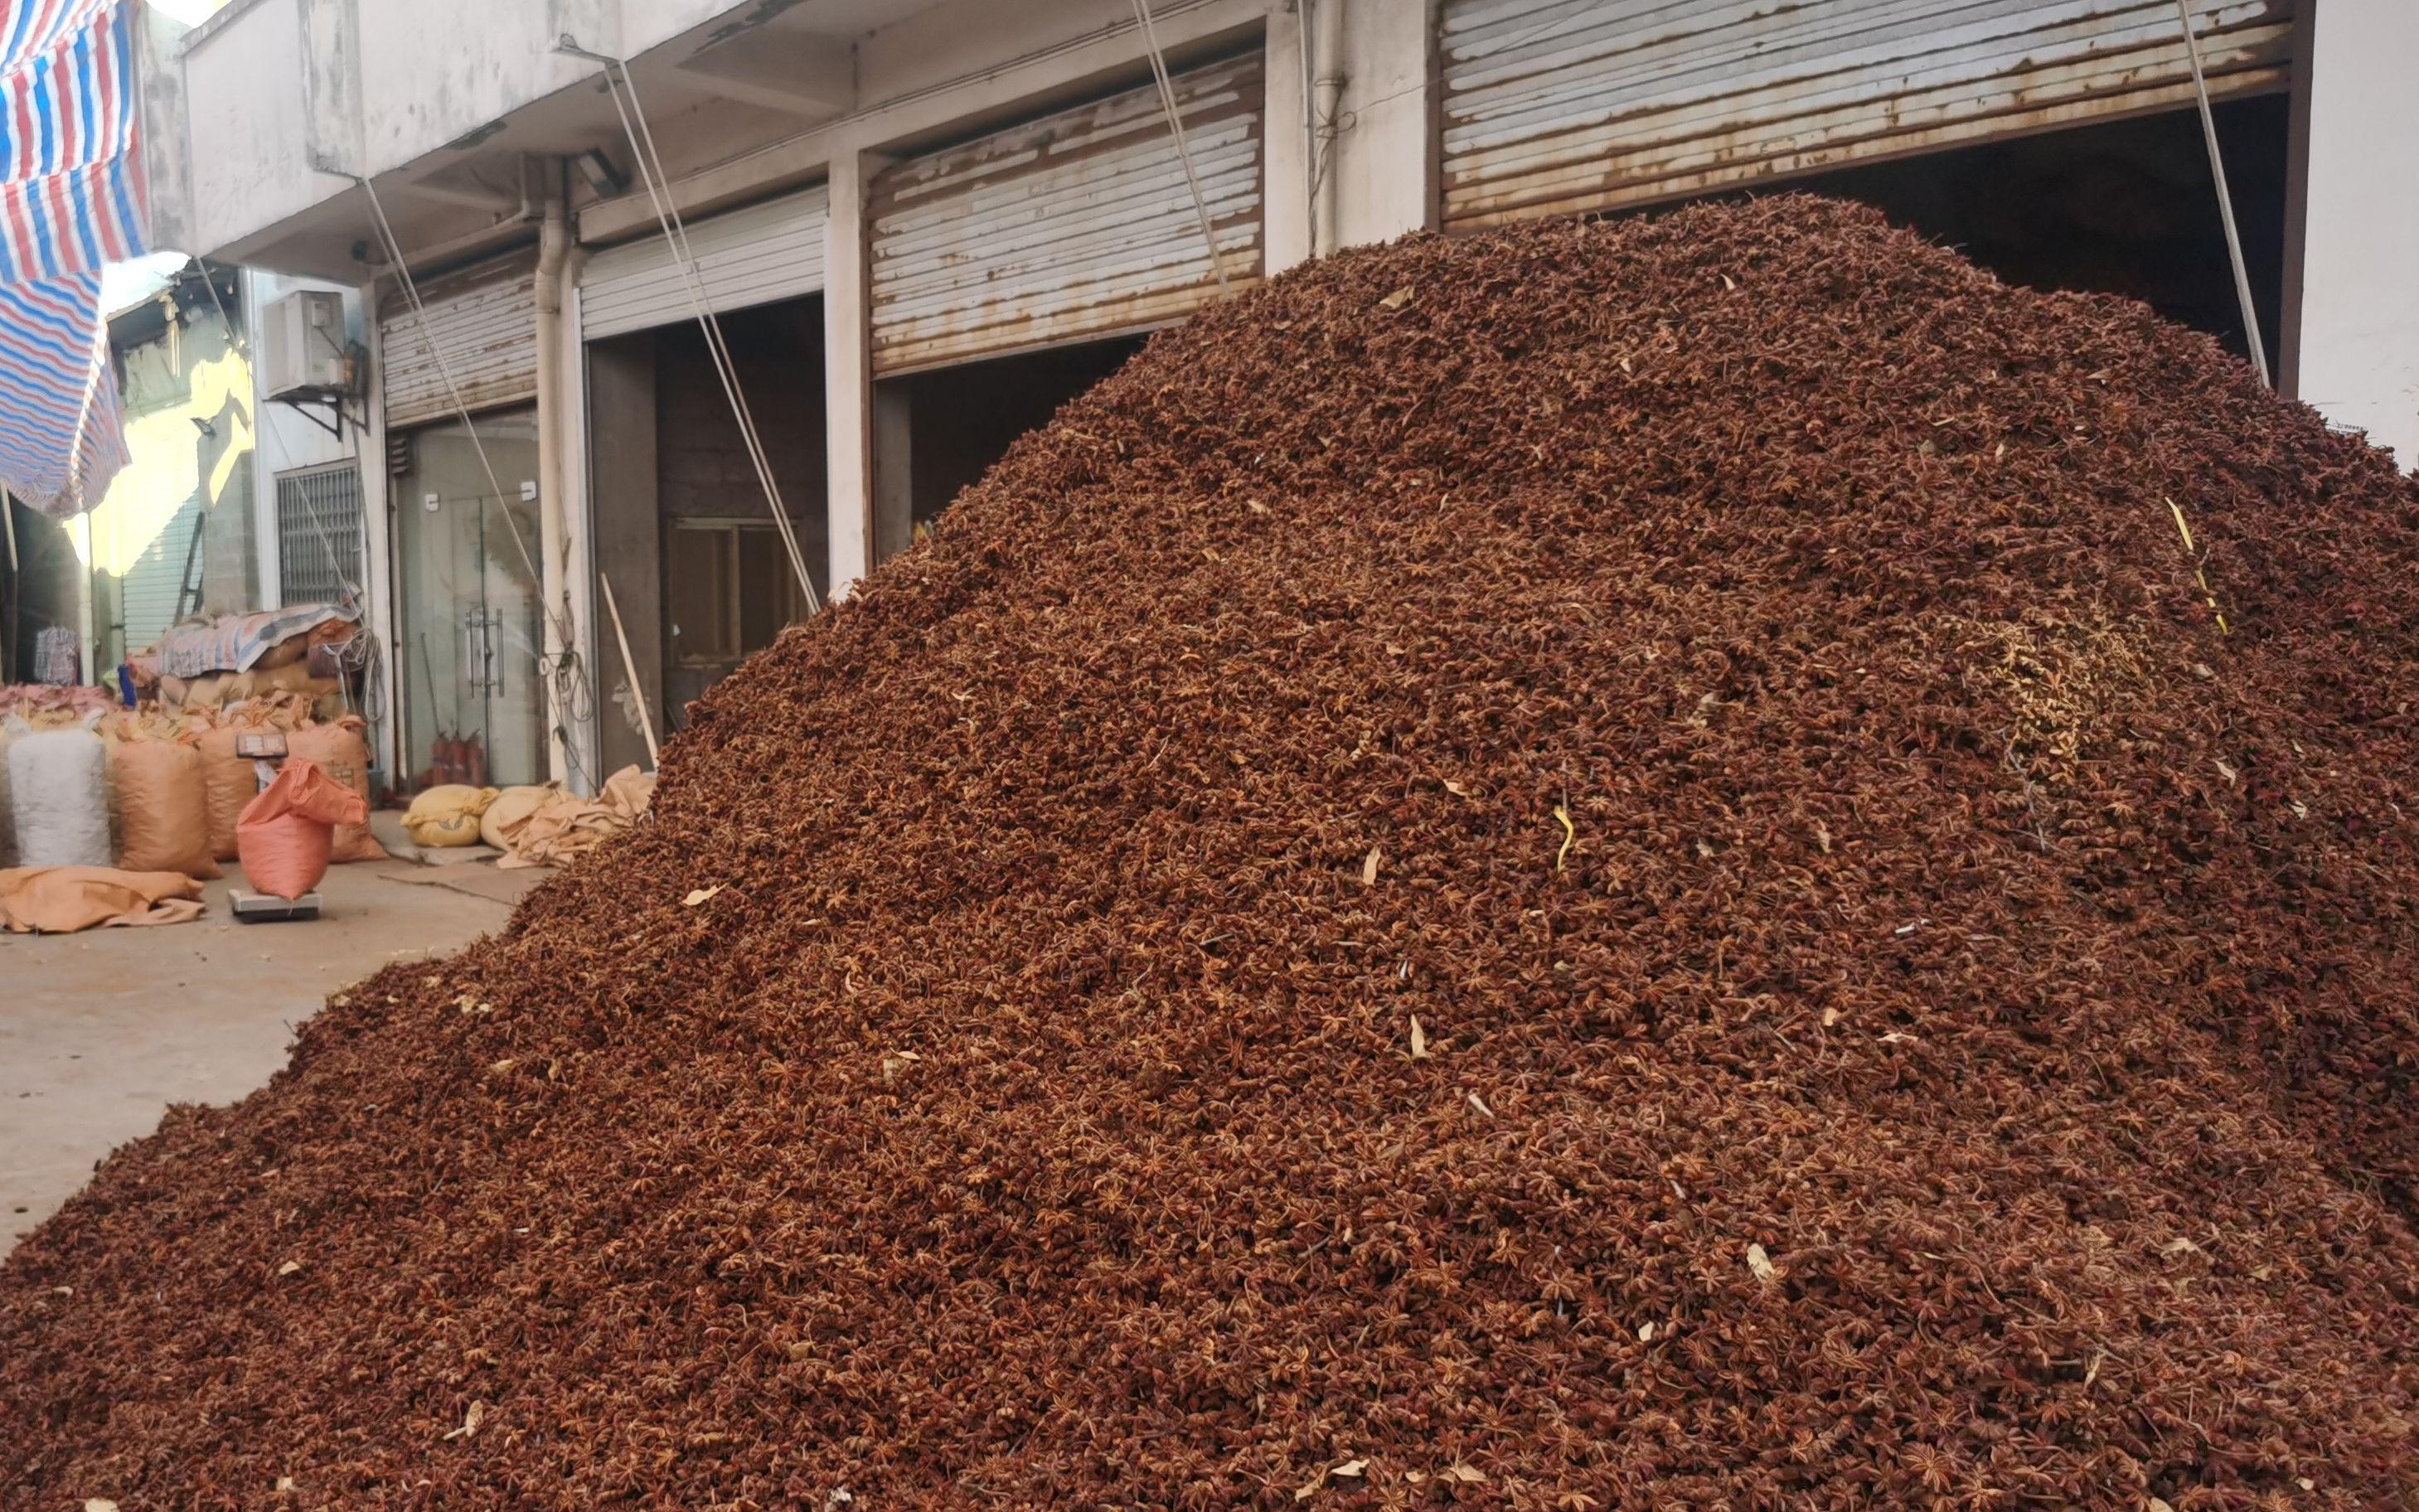 广西市场监管部门对高峰市场硫磺八角开展专项检查,查封141吨